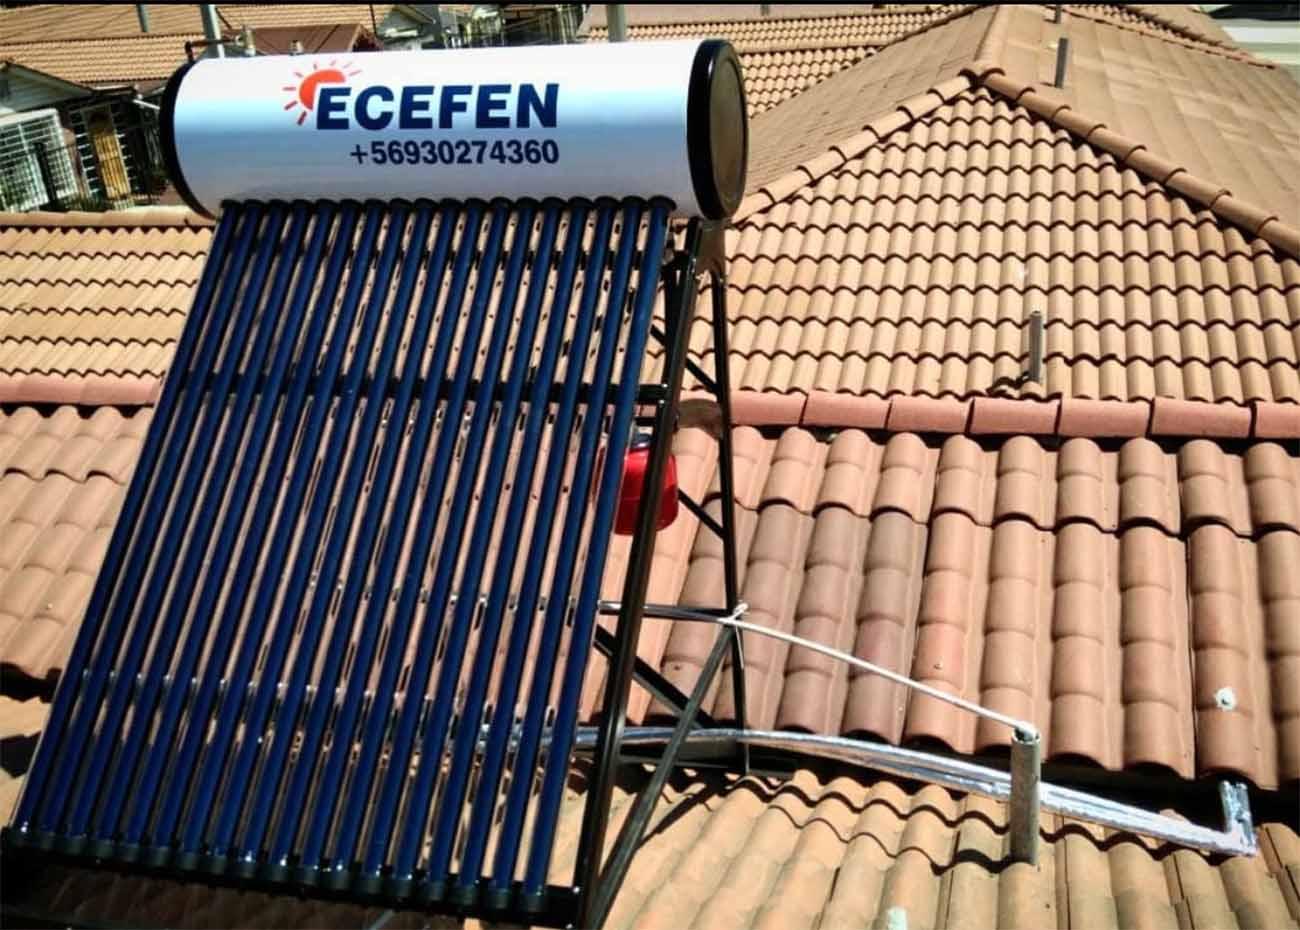 Ecefen. Panel sobre el tejado